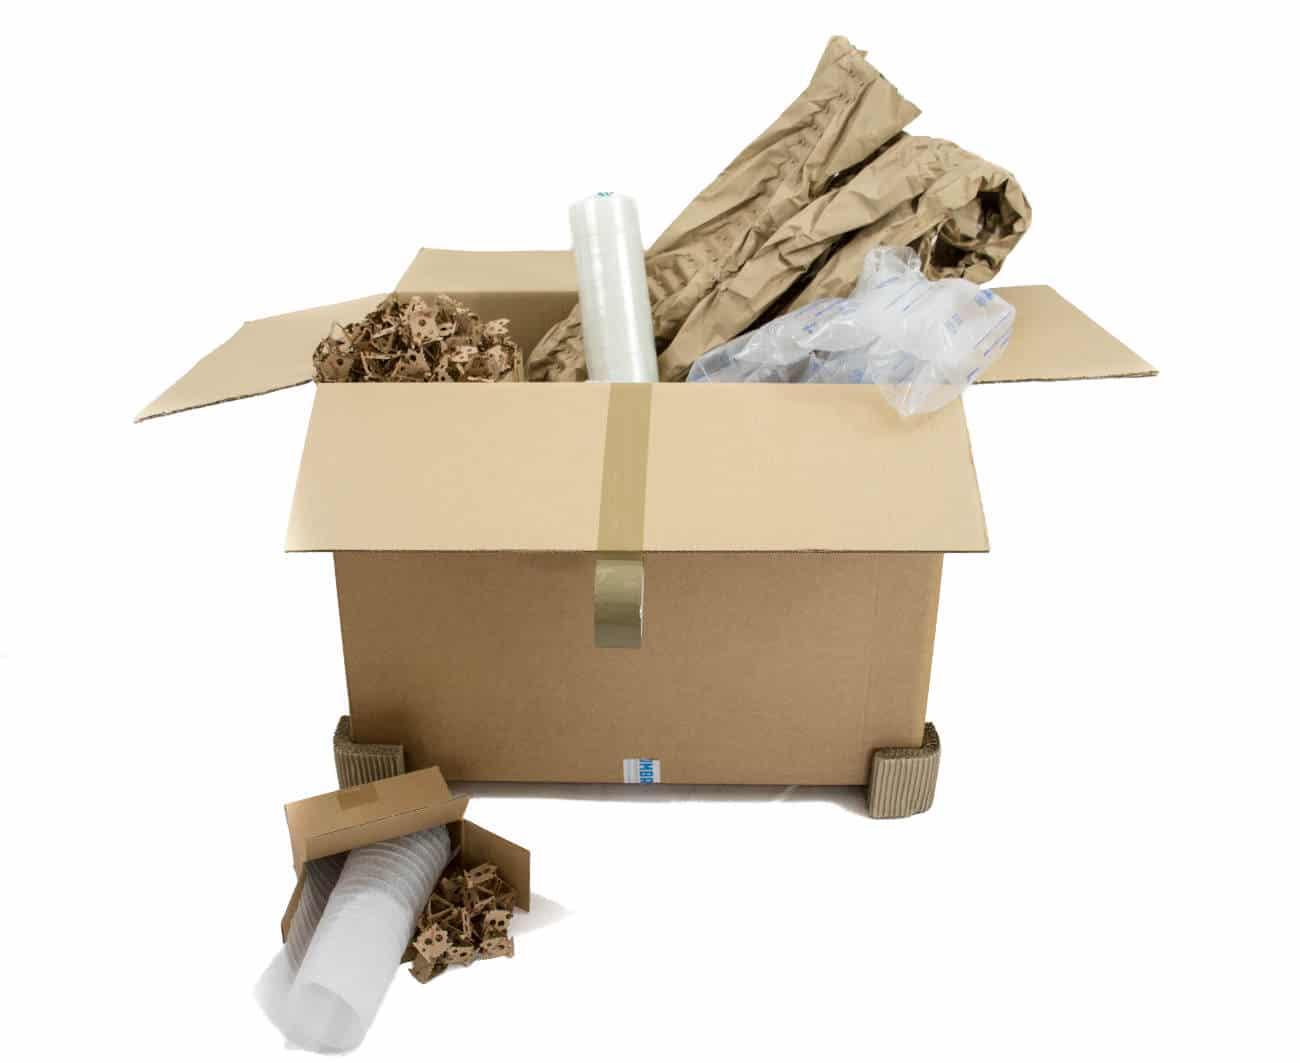 Verpackungsmaterial aus Papier und Kunststoff. Zusätzlich innovative Füll- und Polstermaterialien.